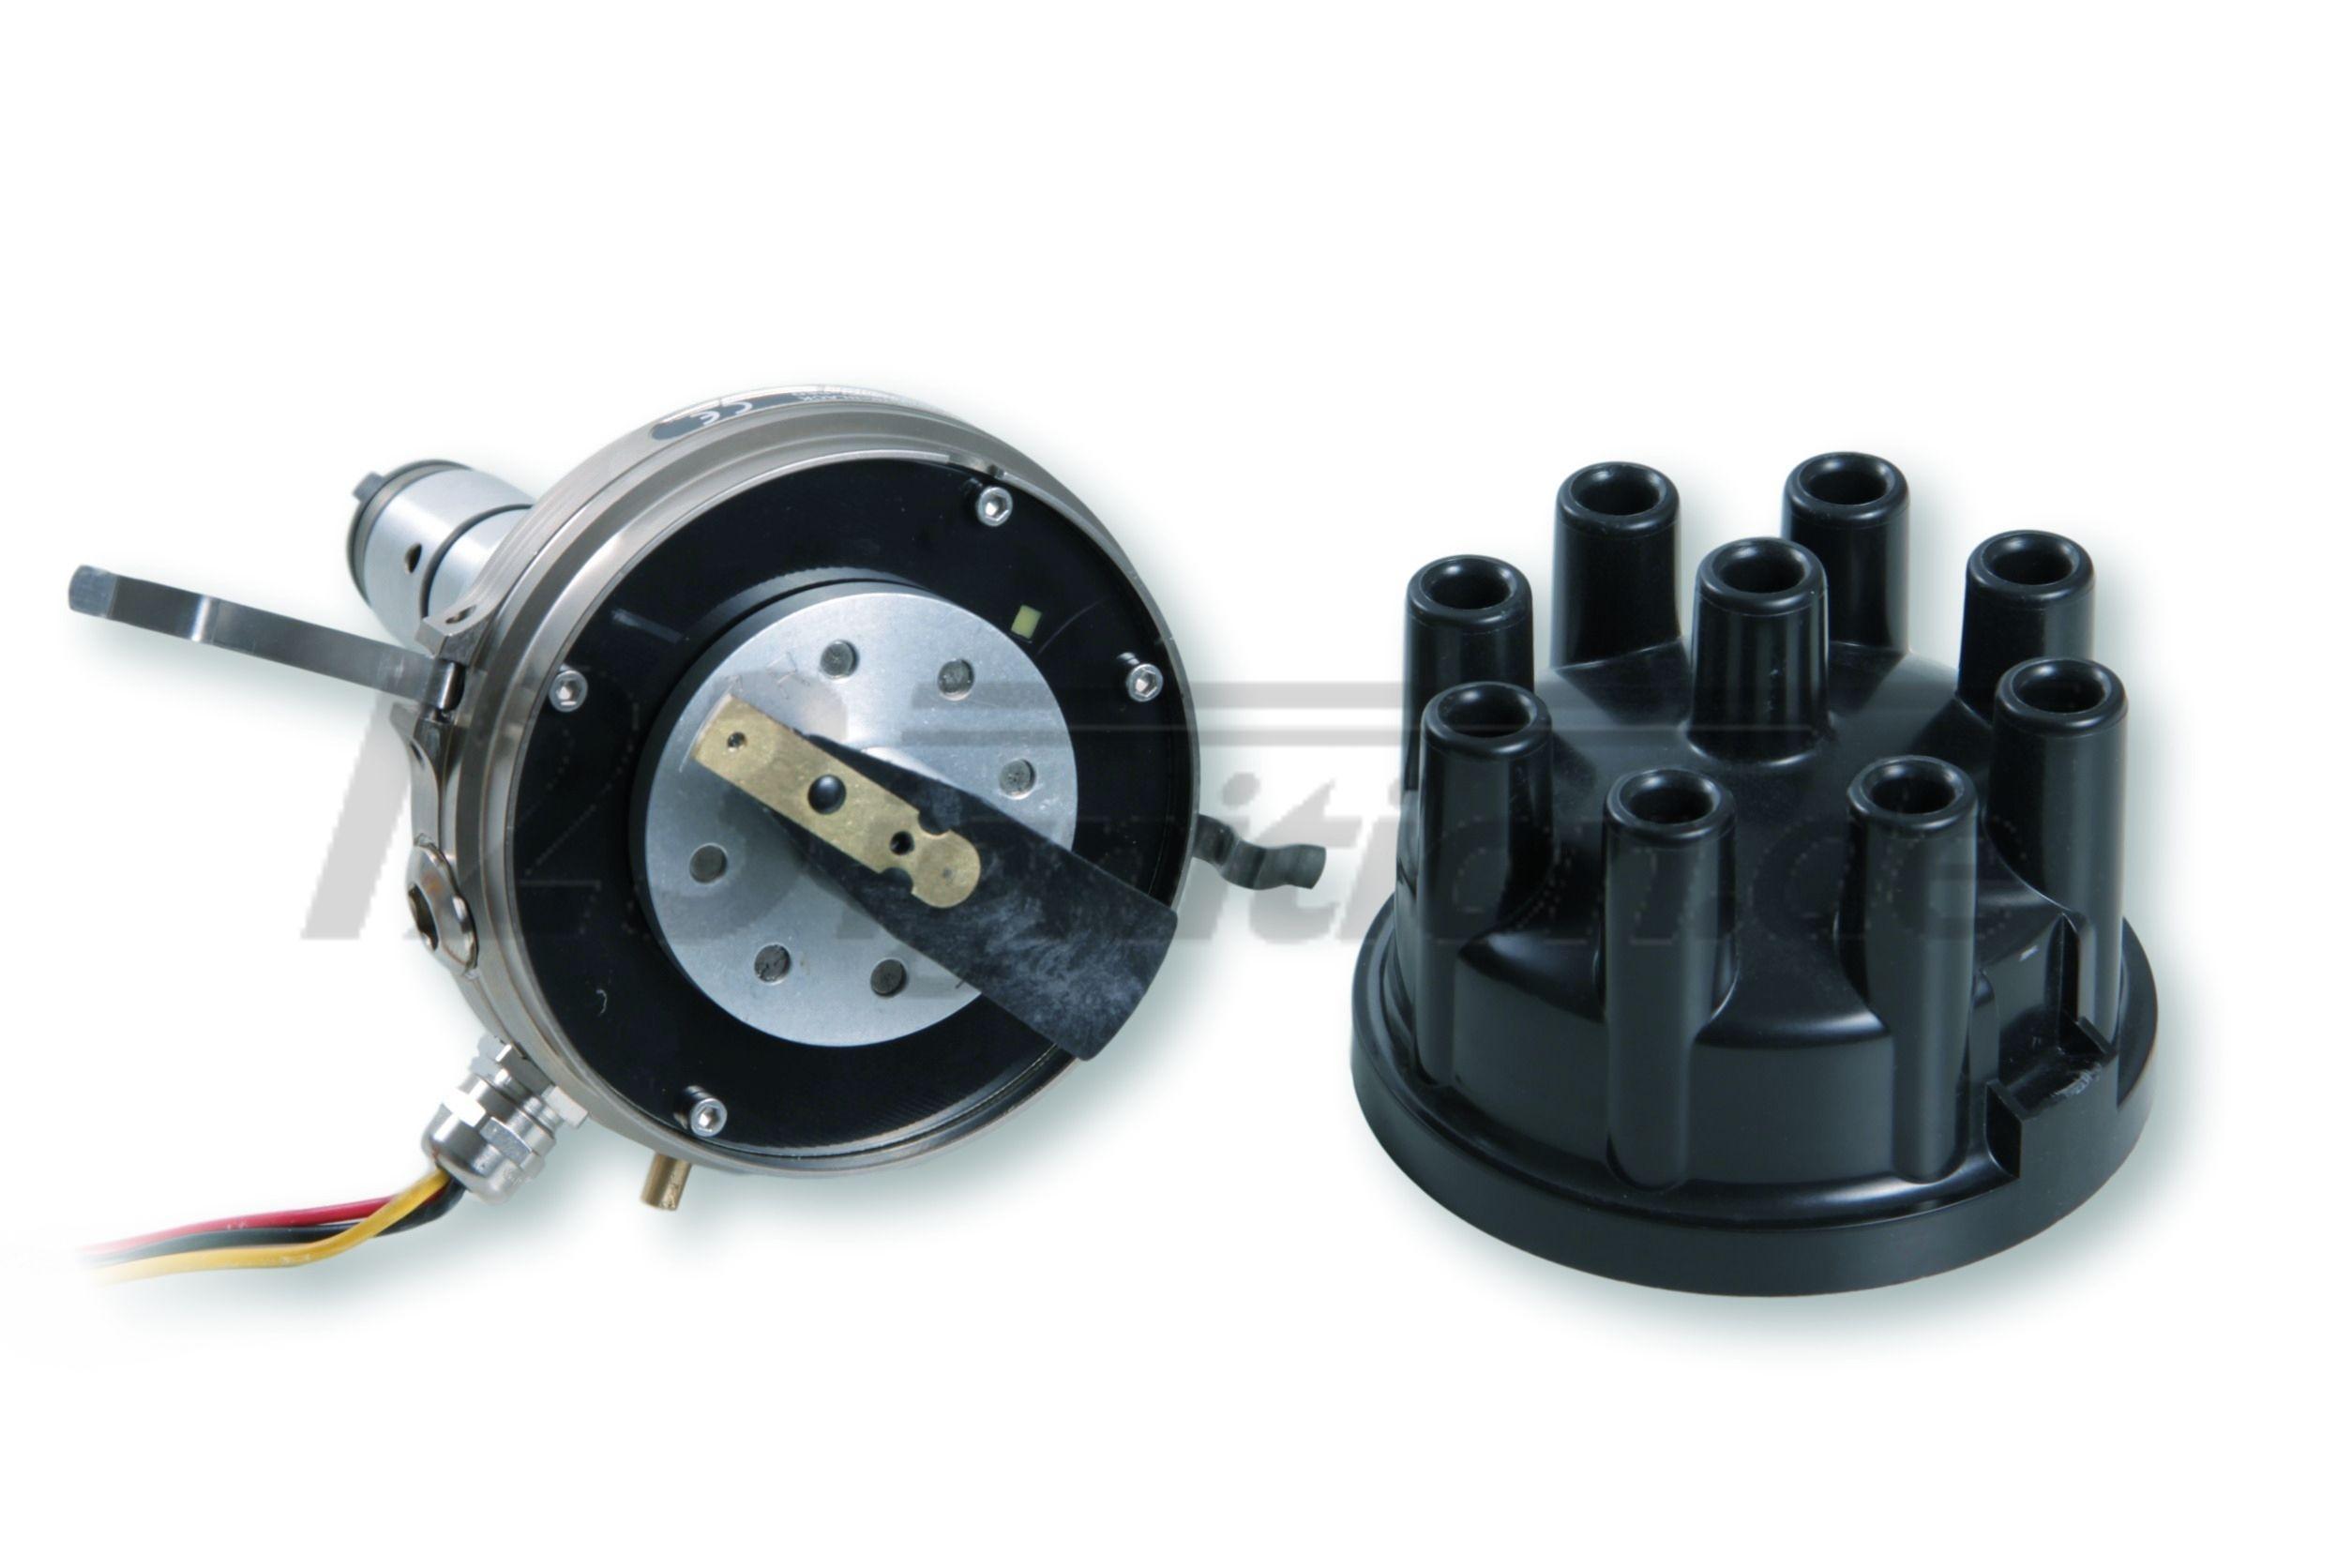 123\TUNE USB ontsteking verdeler voor Mercedes 600 W100 open de distributiedop